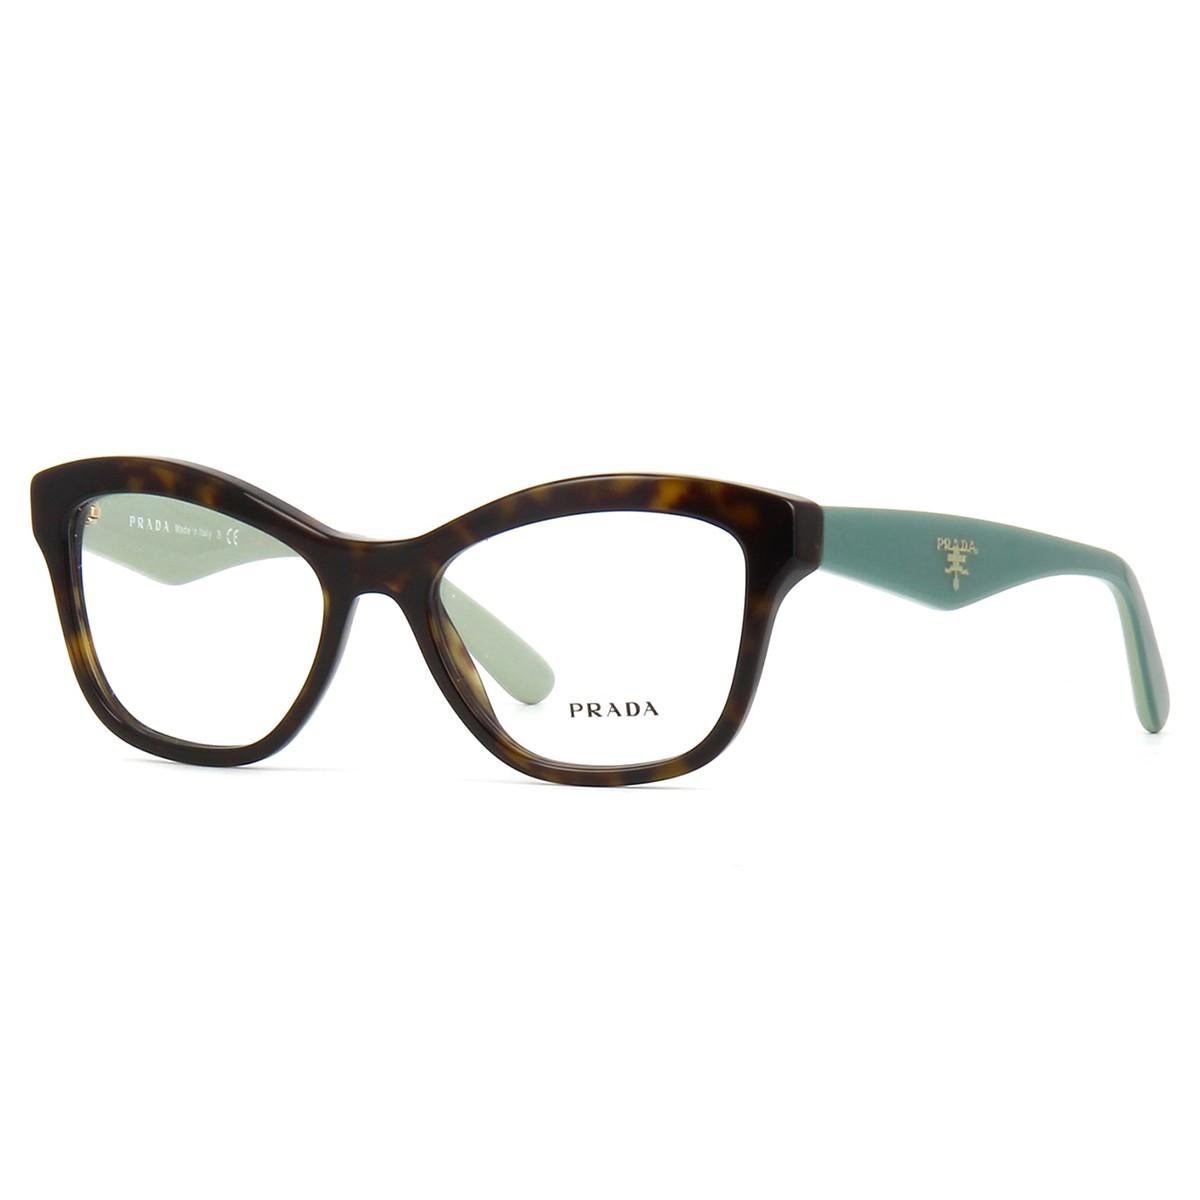 0beb8d31e880d Compre Óculos de Grau Prada em 10X